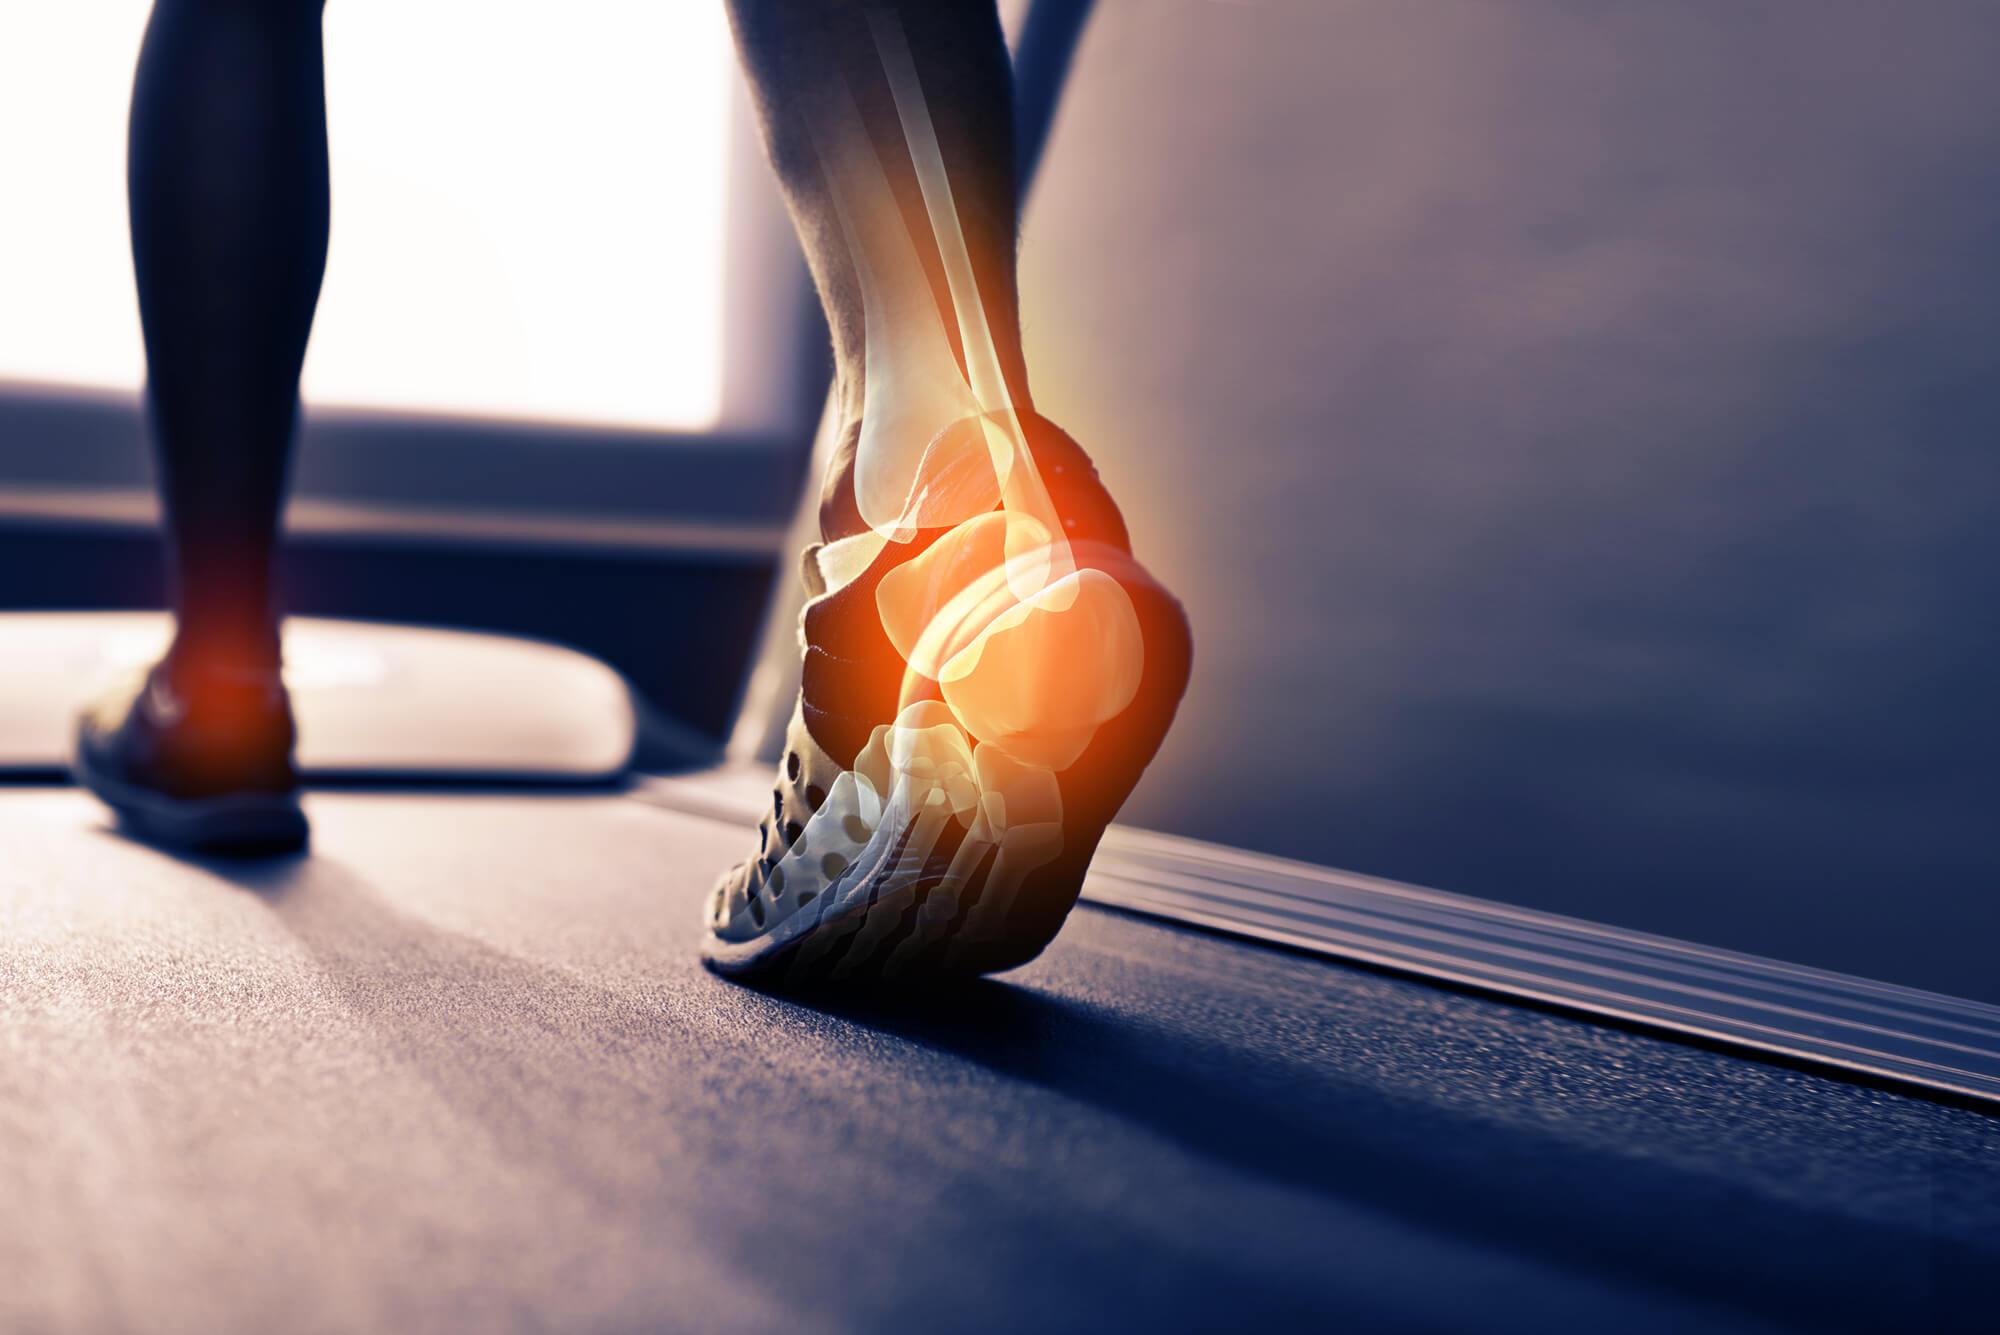 Läufer-auf-Laufband-Fuß-Gelenke-Laufschuhe